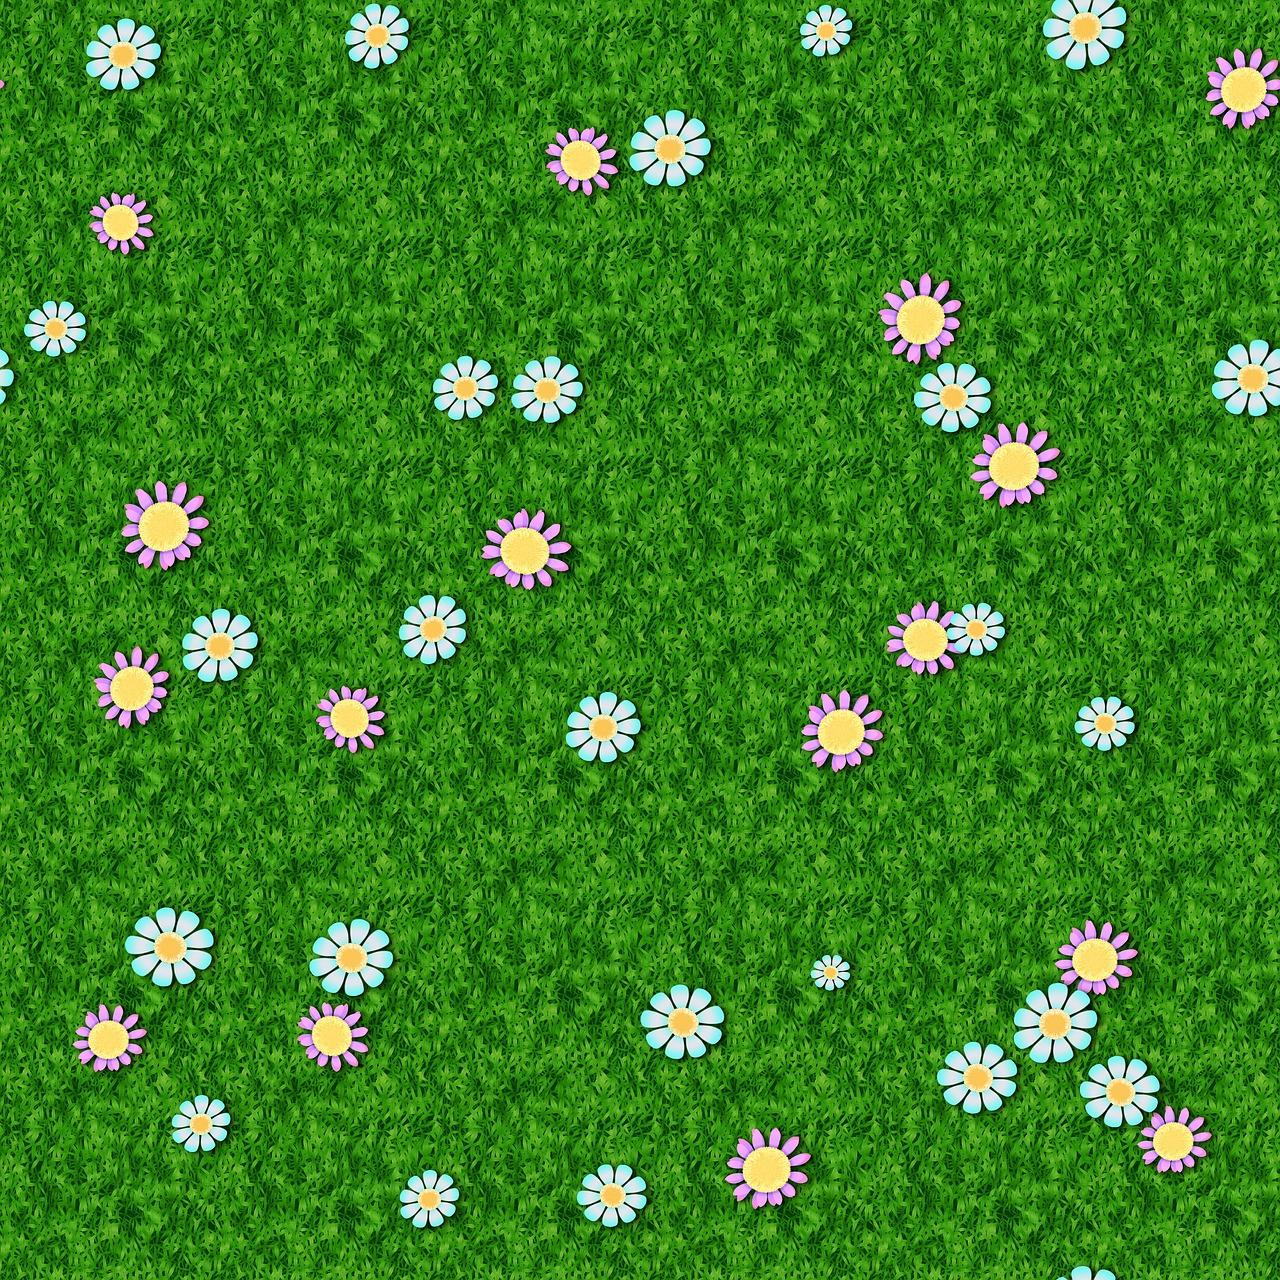 картинки газон с цветами зрелищные